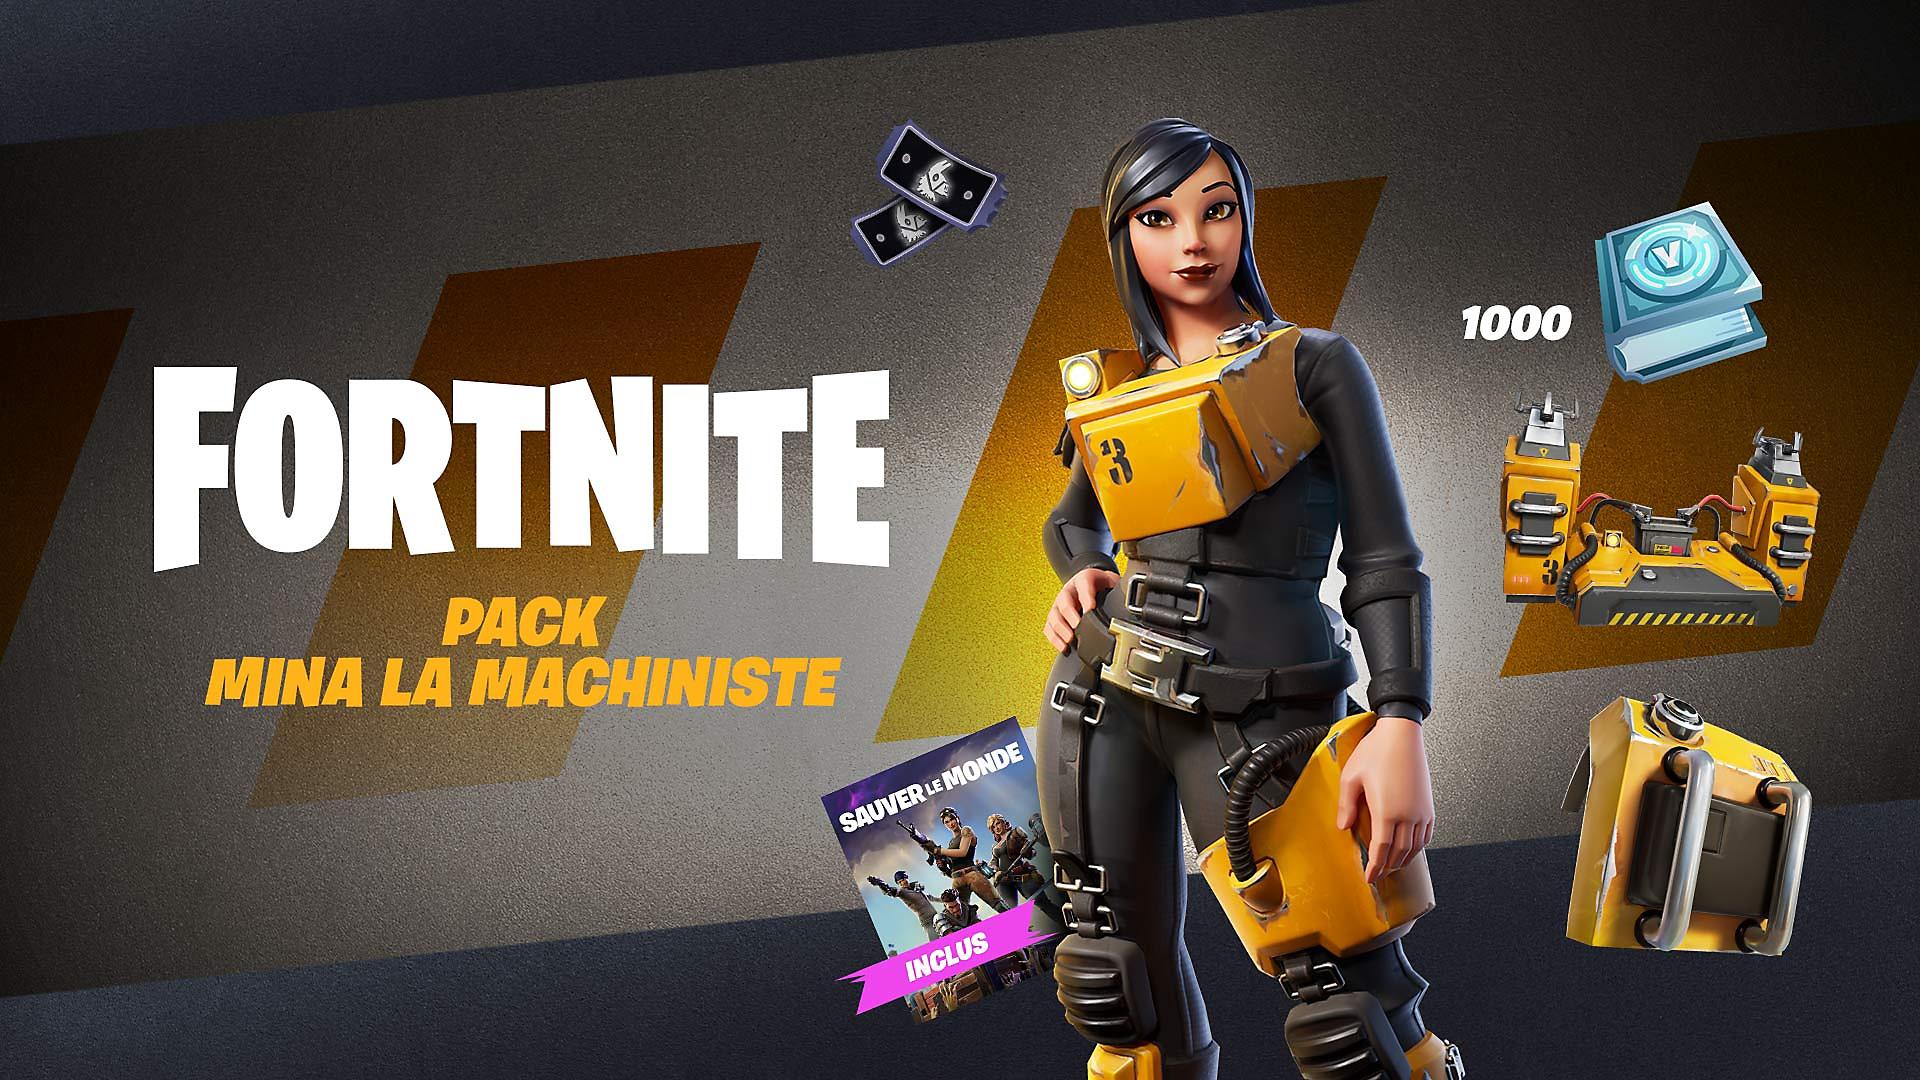 Fortnite - Pack Électron libre - Image du Store